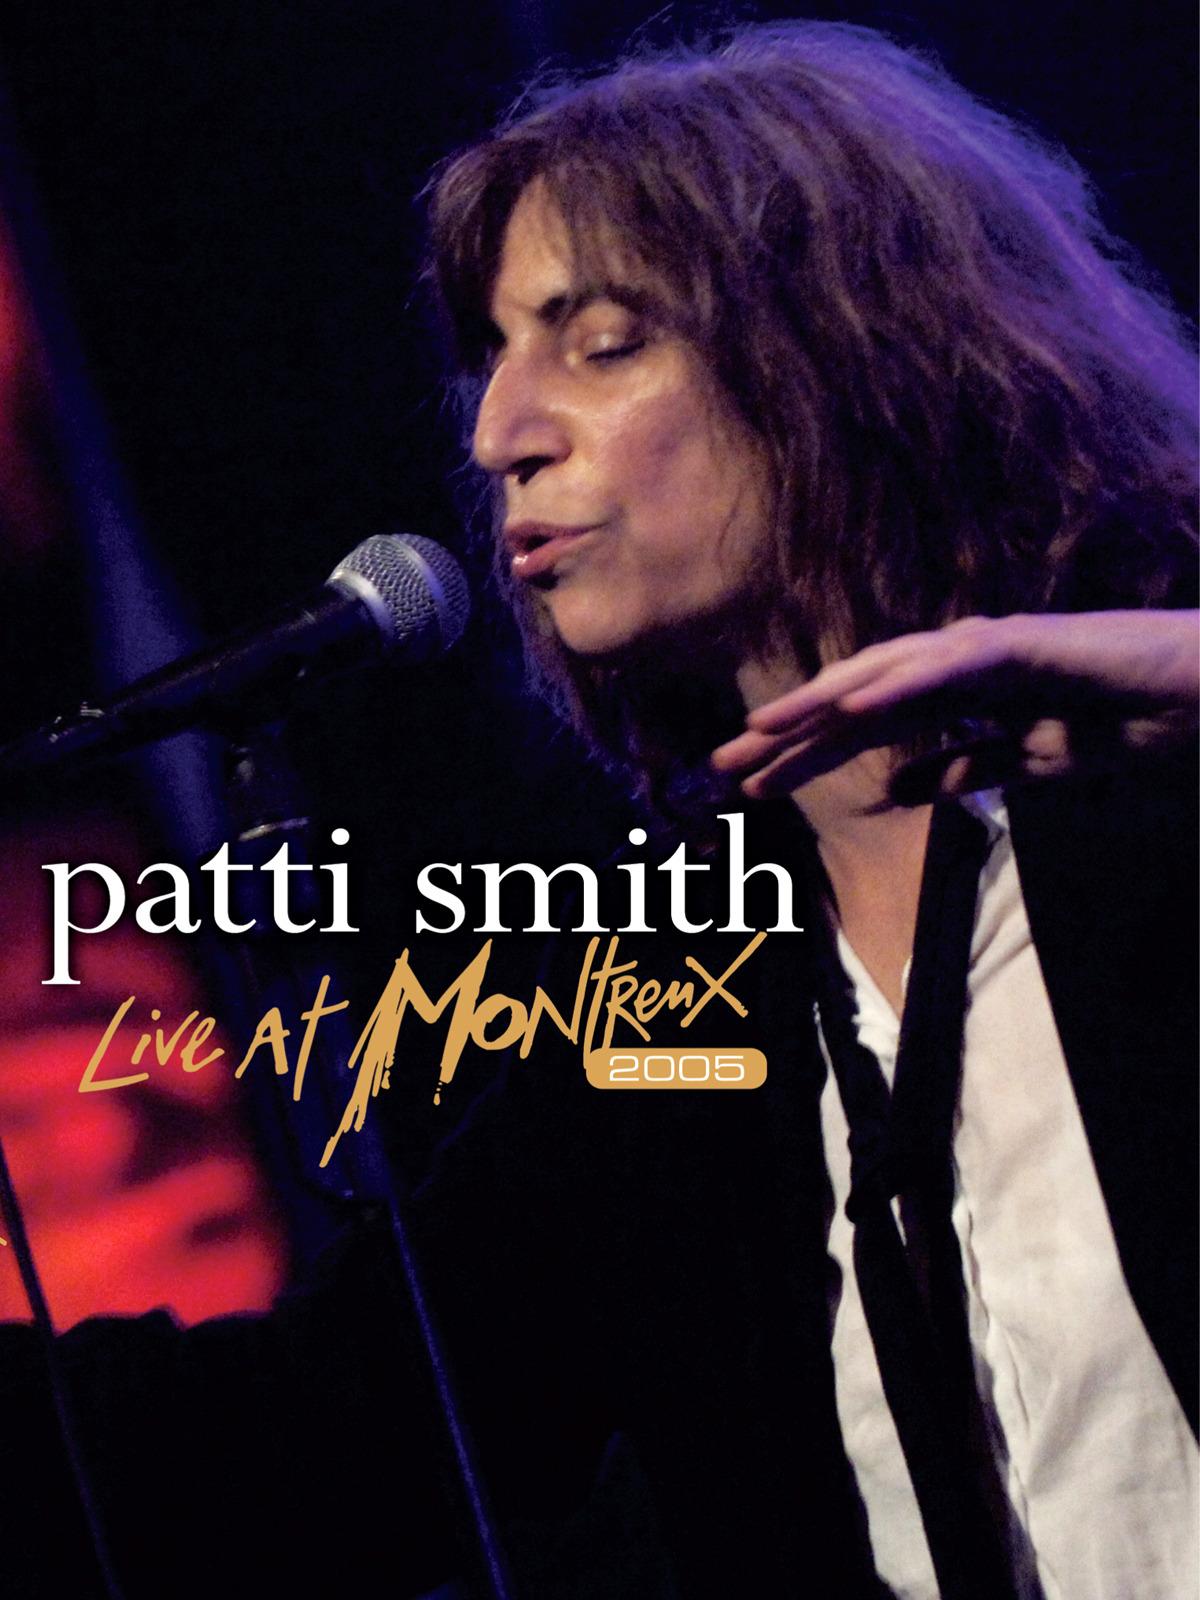 Patti Smith - Live At Montreux 2005 [OV]